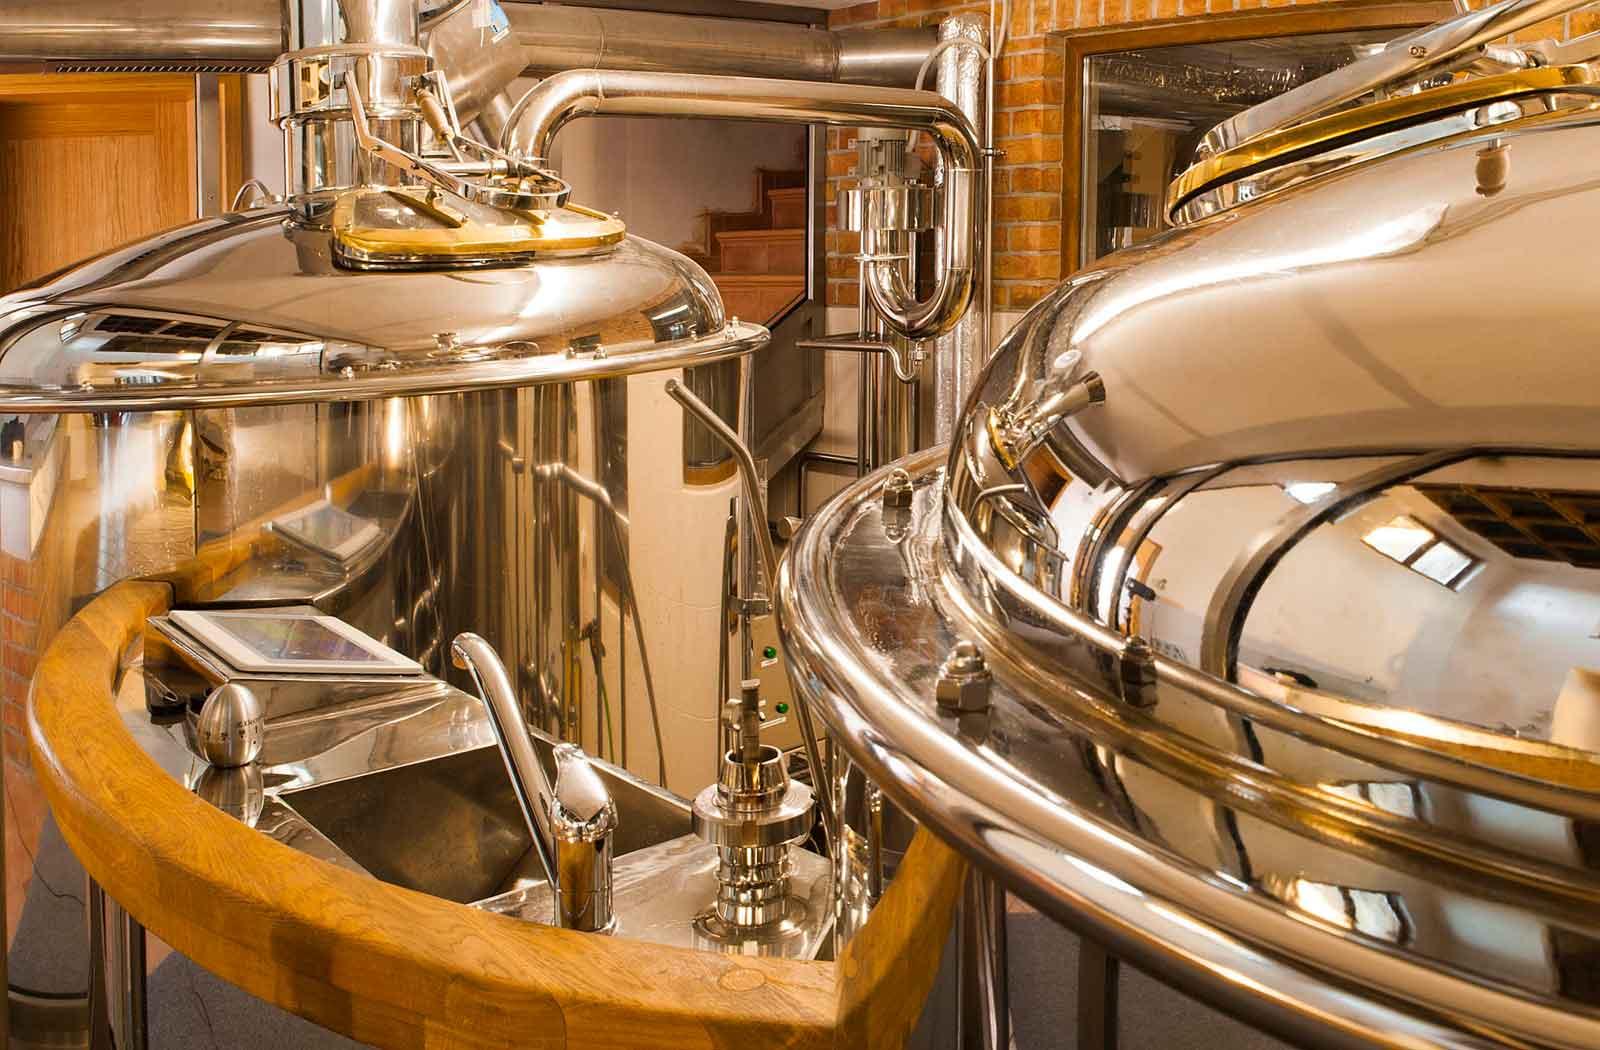 Attrezzature per la produzione di birra